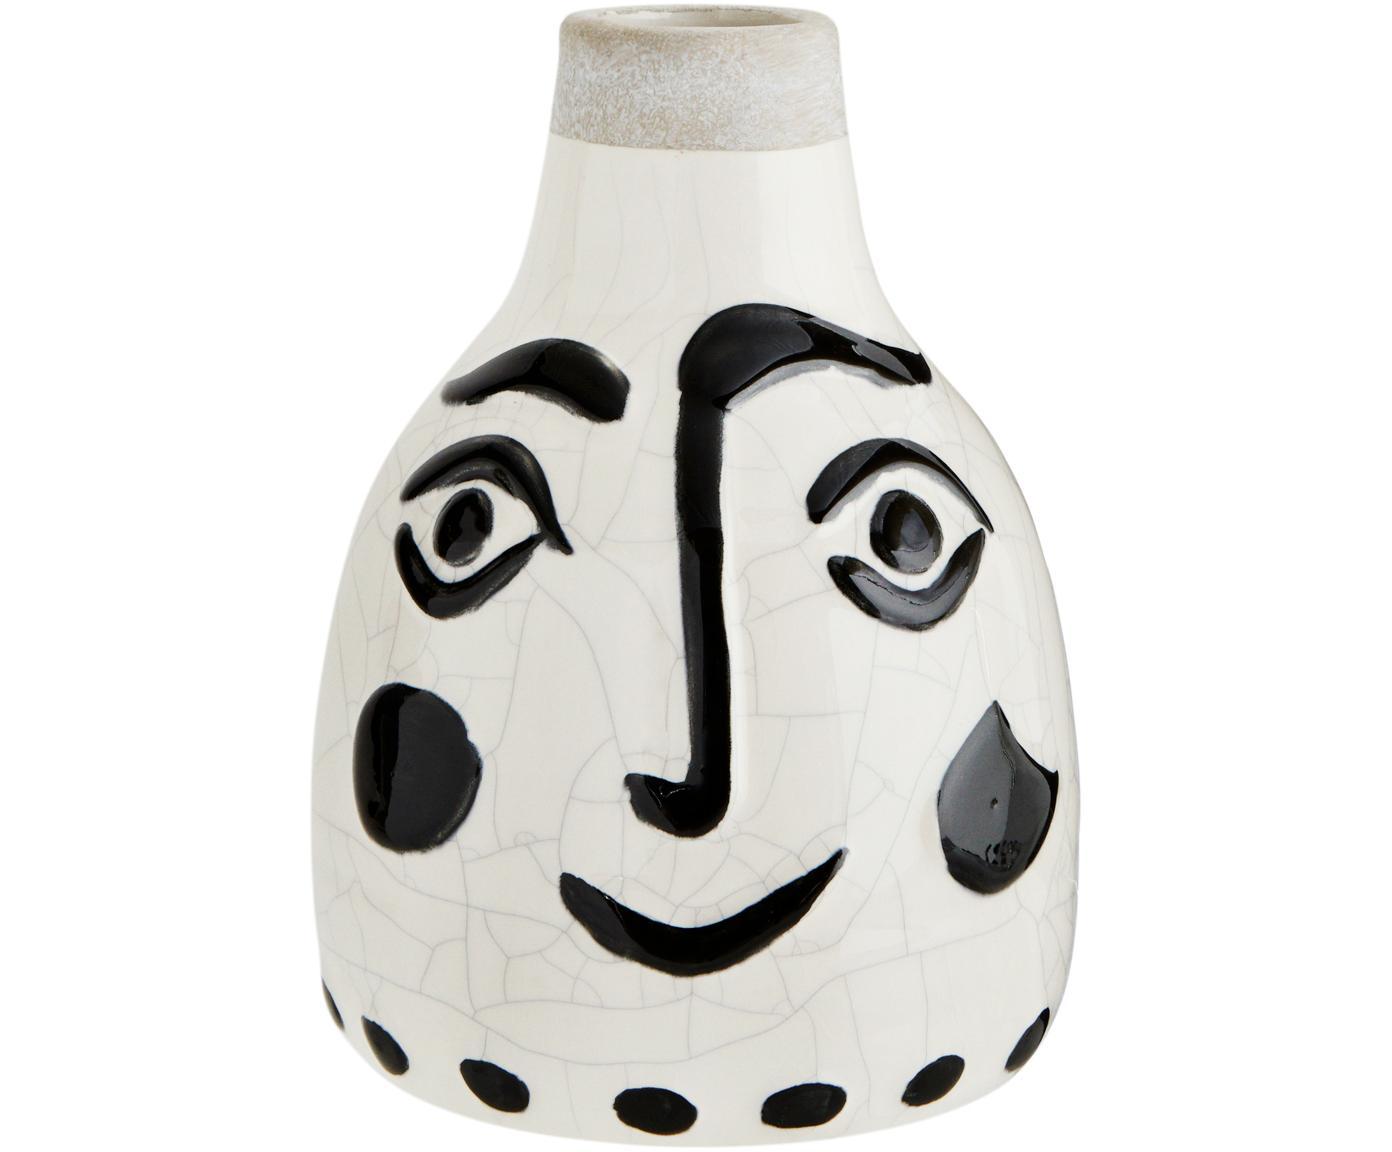 Jarrón con esmalte craquelado Face, Gres, Blanco, negro, Ø 14 x Al 21 cm